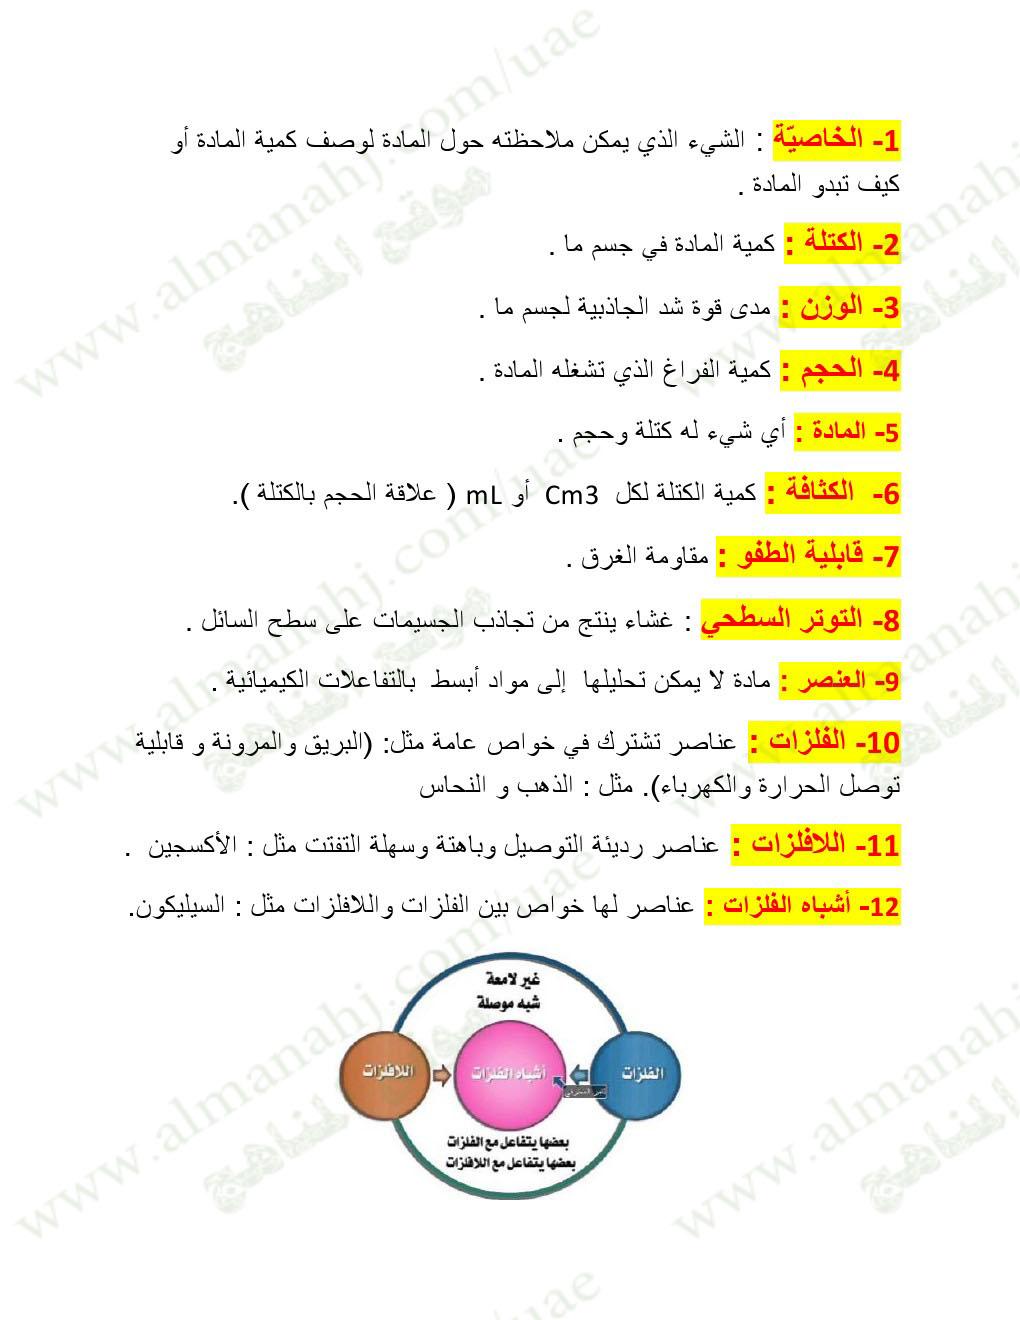 ملخص درس خواص المادة و العناصر في مادة العلوم للصف الخامس الفصل الثاني